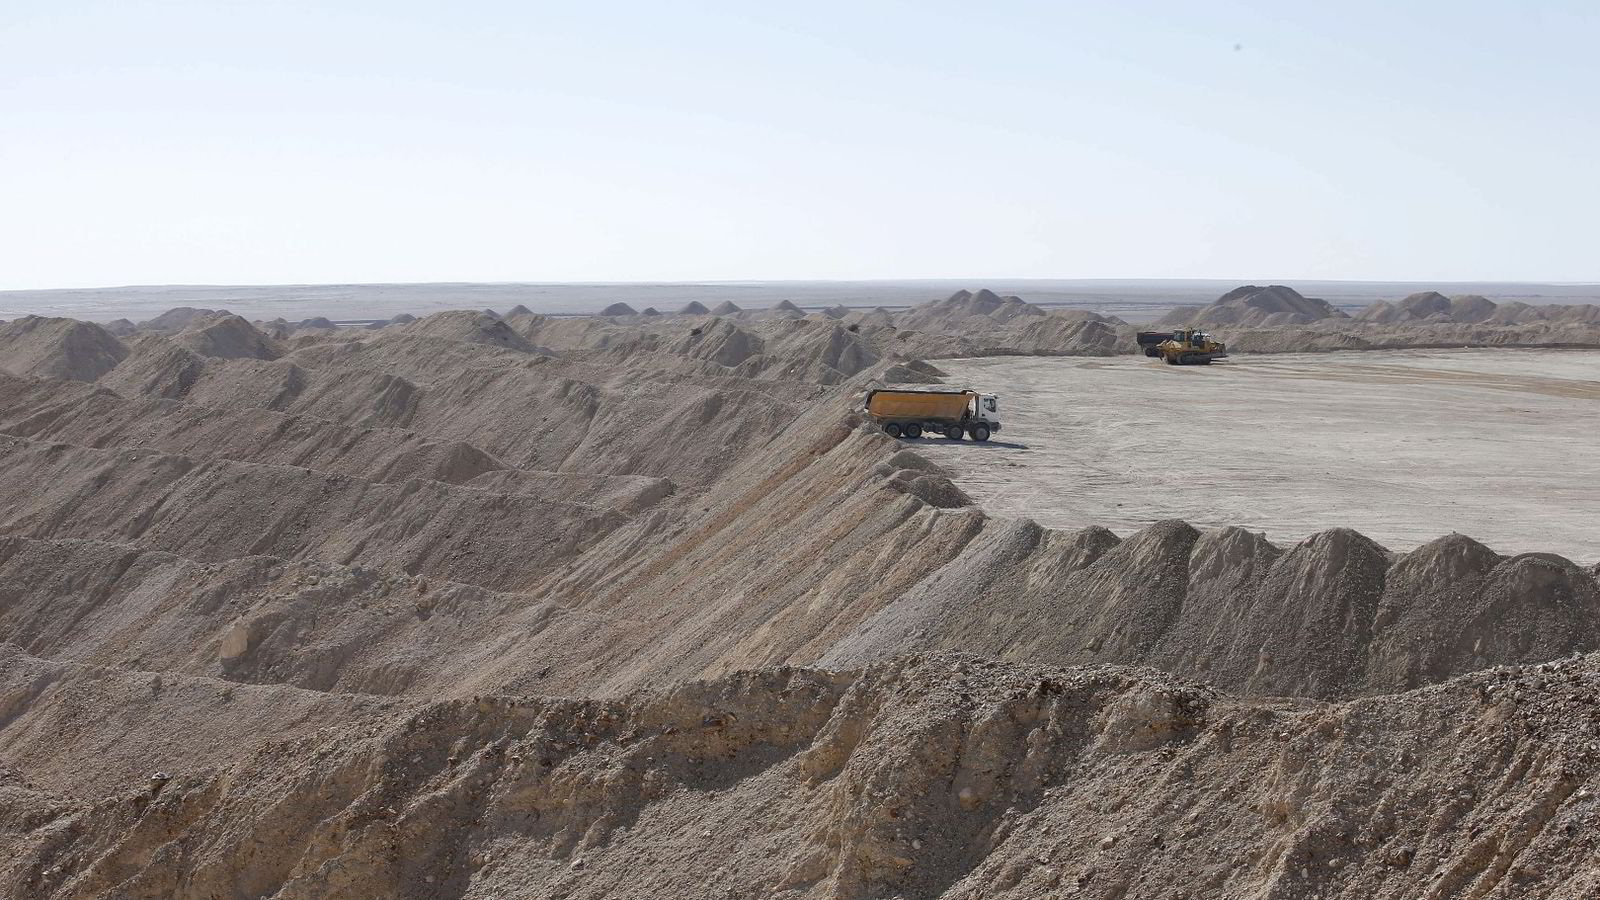 Verdens fosforbruk øker sterkt, mens lagrene tømmes sakte men sikkert. Marokko er verdens desidert største fosforprodusent. Bildet er fra en statlig fosfatgruve 100 kilometer sørvest for byen Laayoune i det omstridte landområdet Vest-Sahara, som Marokko har okkupert siden 1975. Foto: Youssef Boudlal/Reuters/NTB scanpix